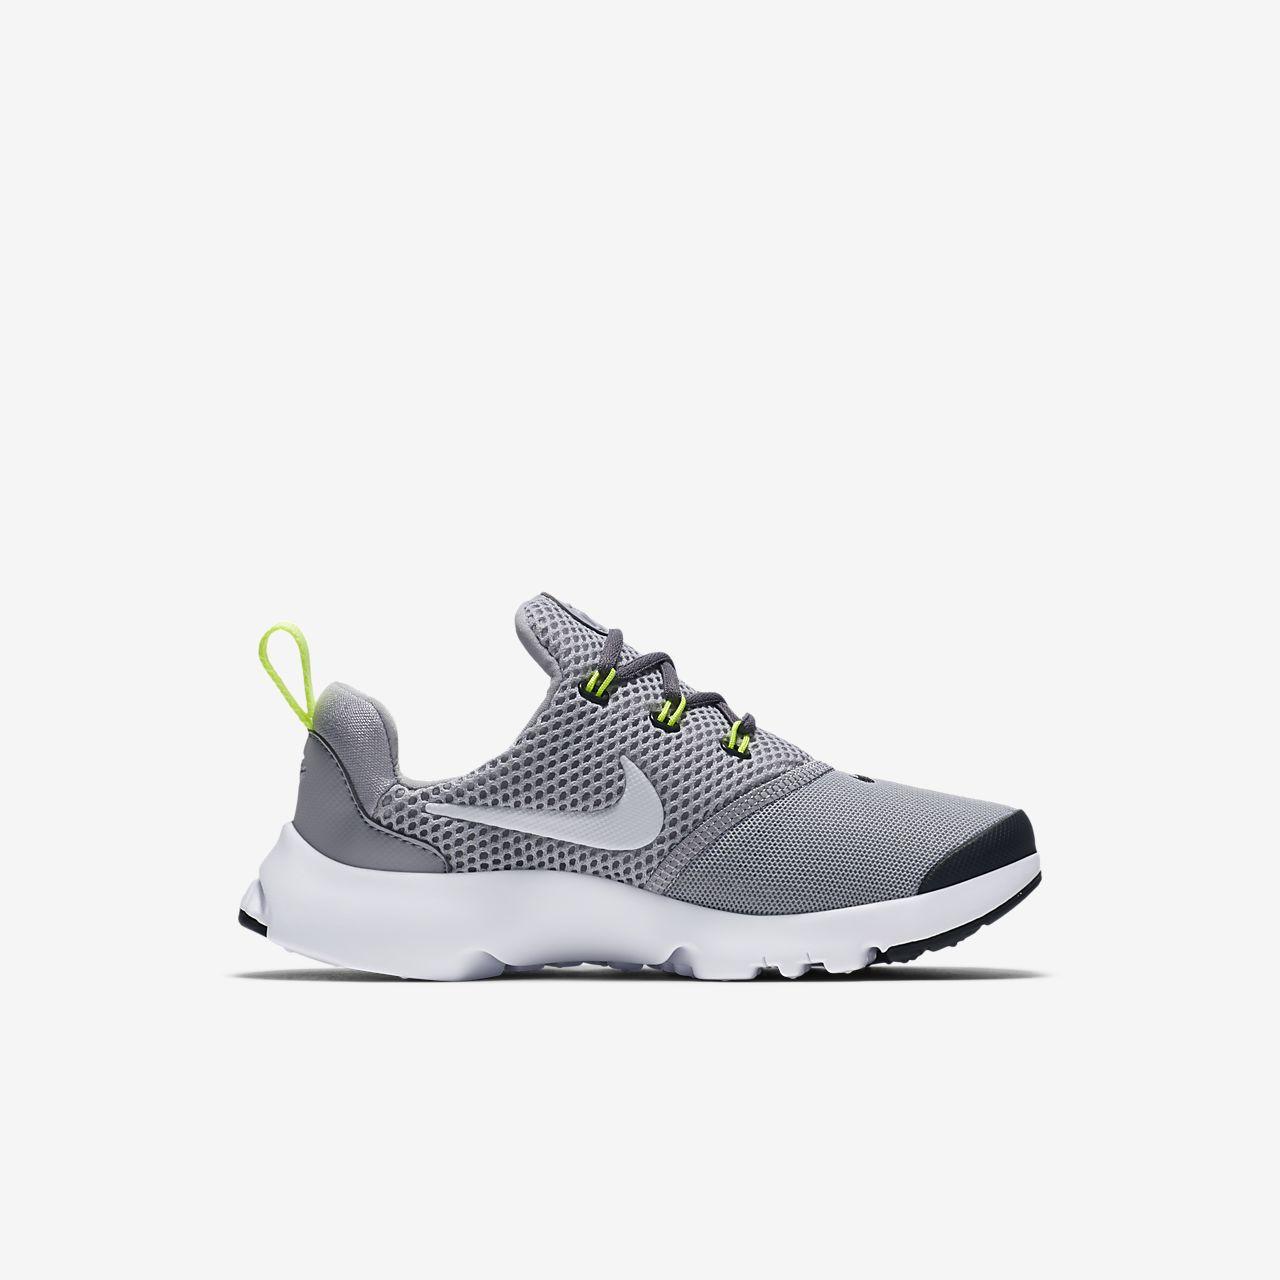 Nike Chaussures Fly Presto Baskets Lo Gris Blanc Blanc aDhgi